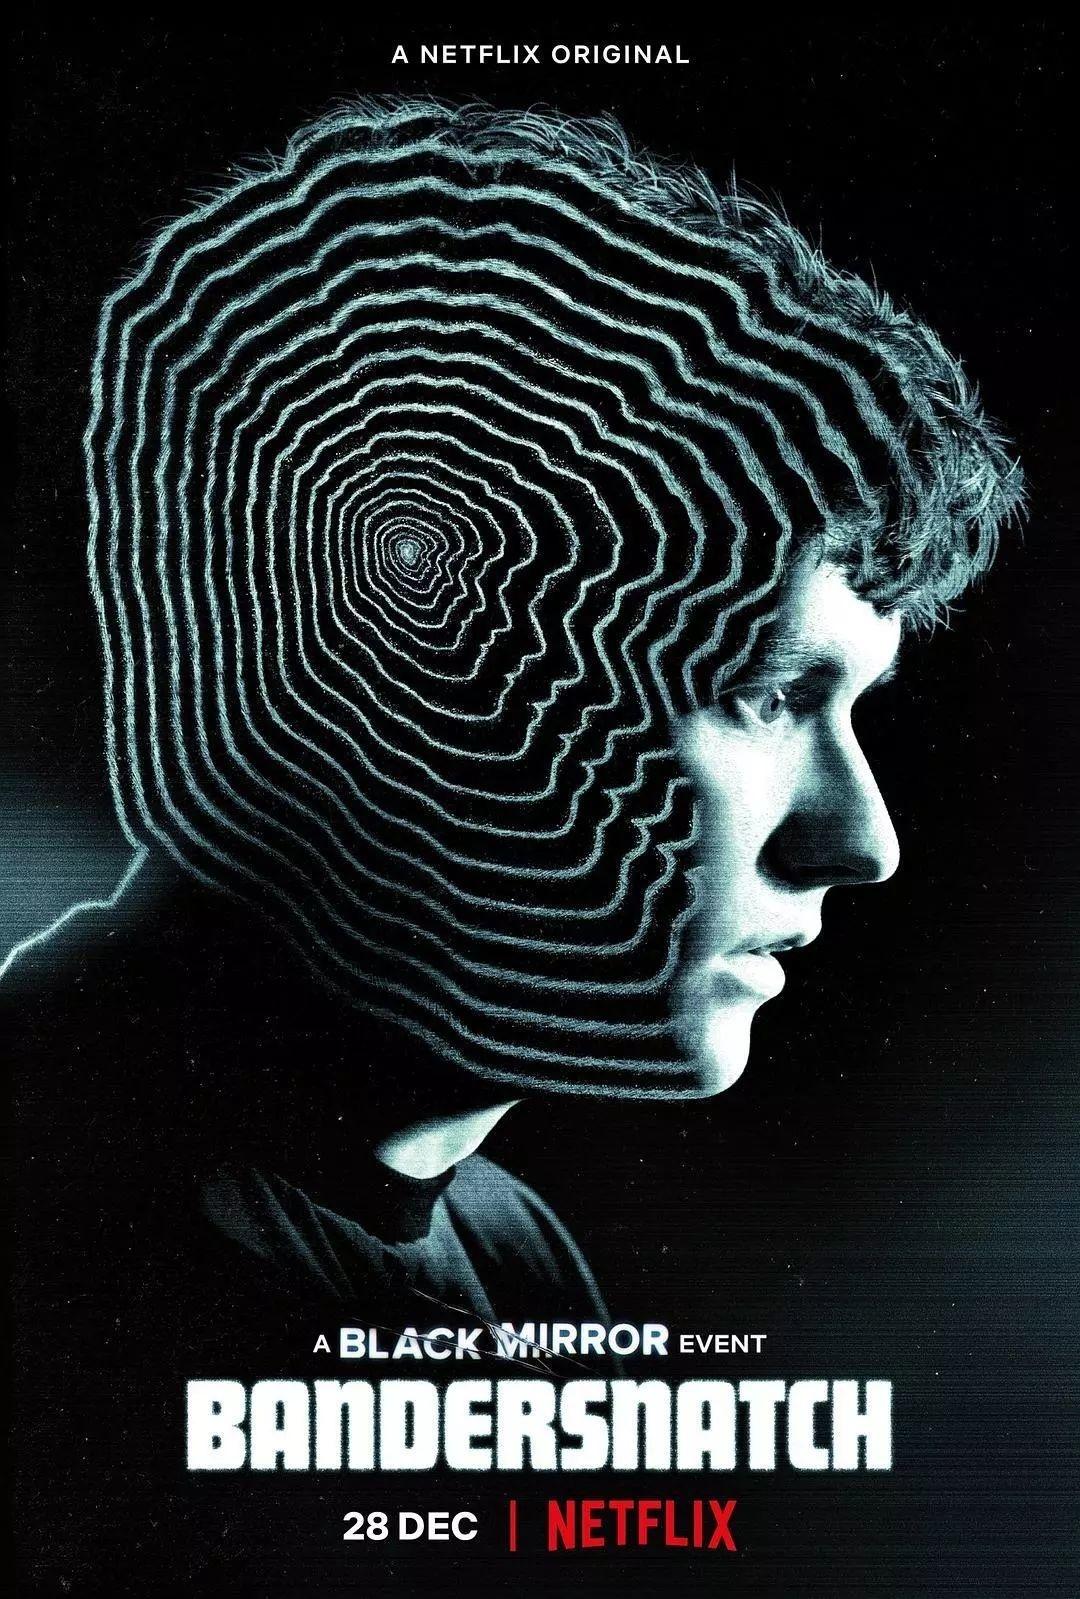 《黑鏡:潘達斯奈基》向我們展現了電影的未來?